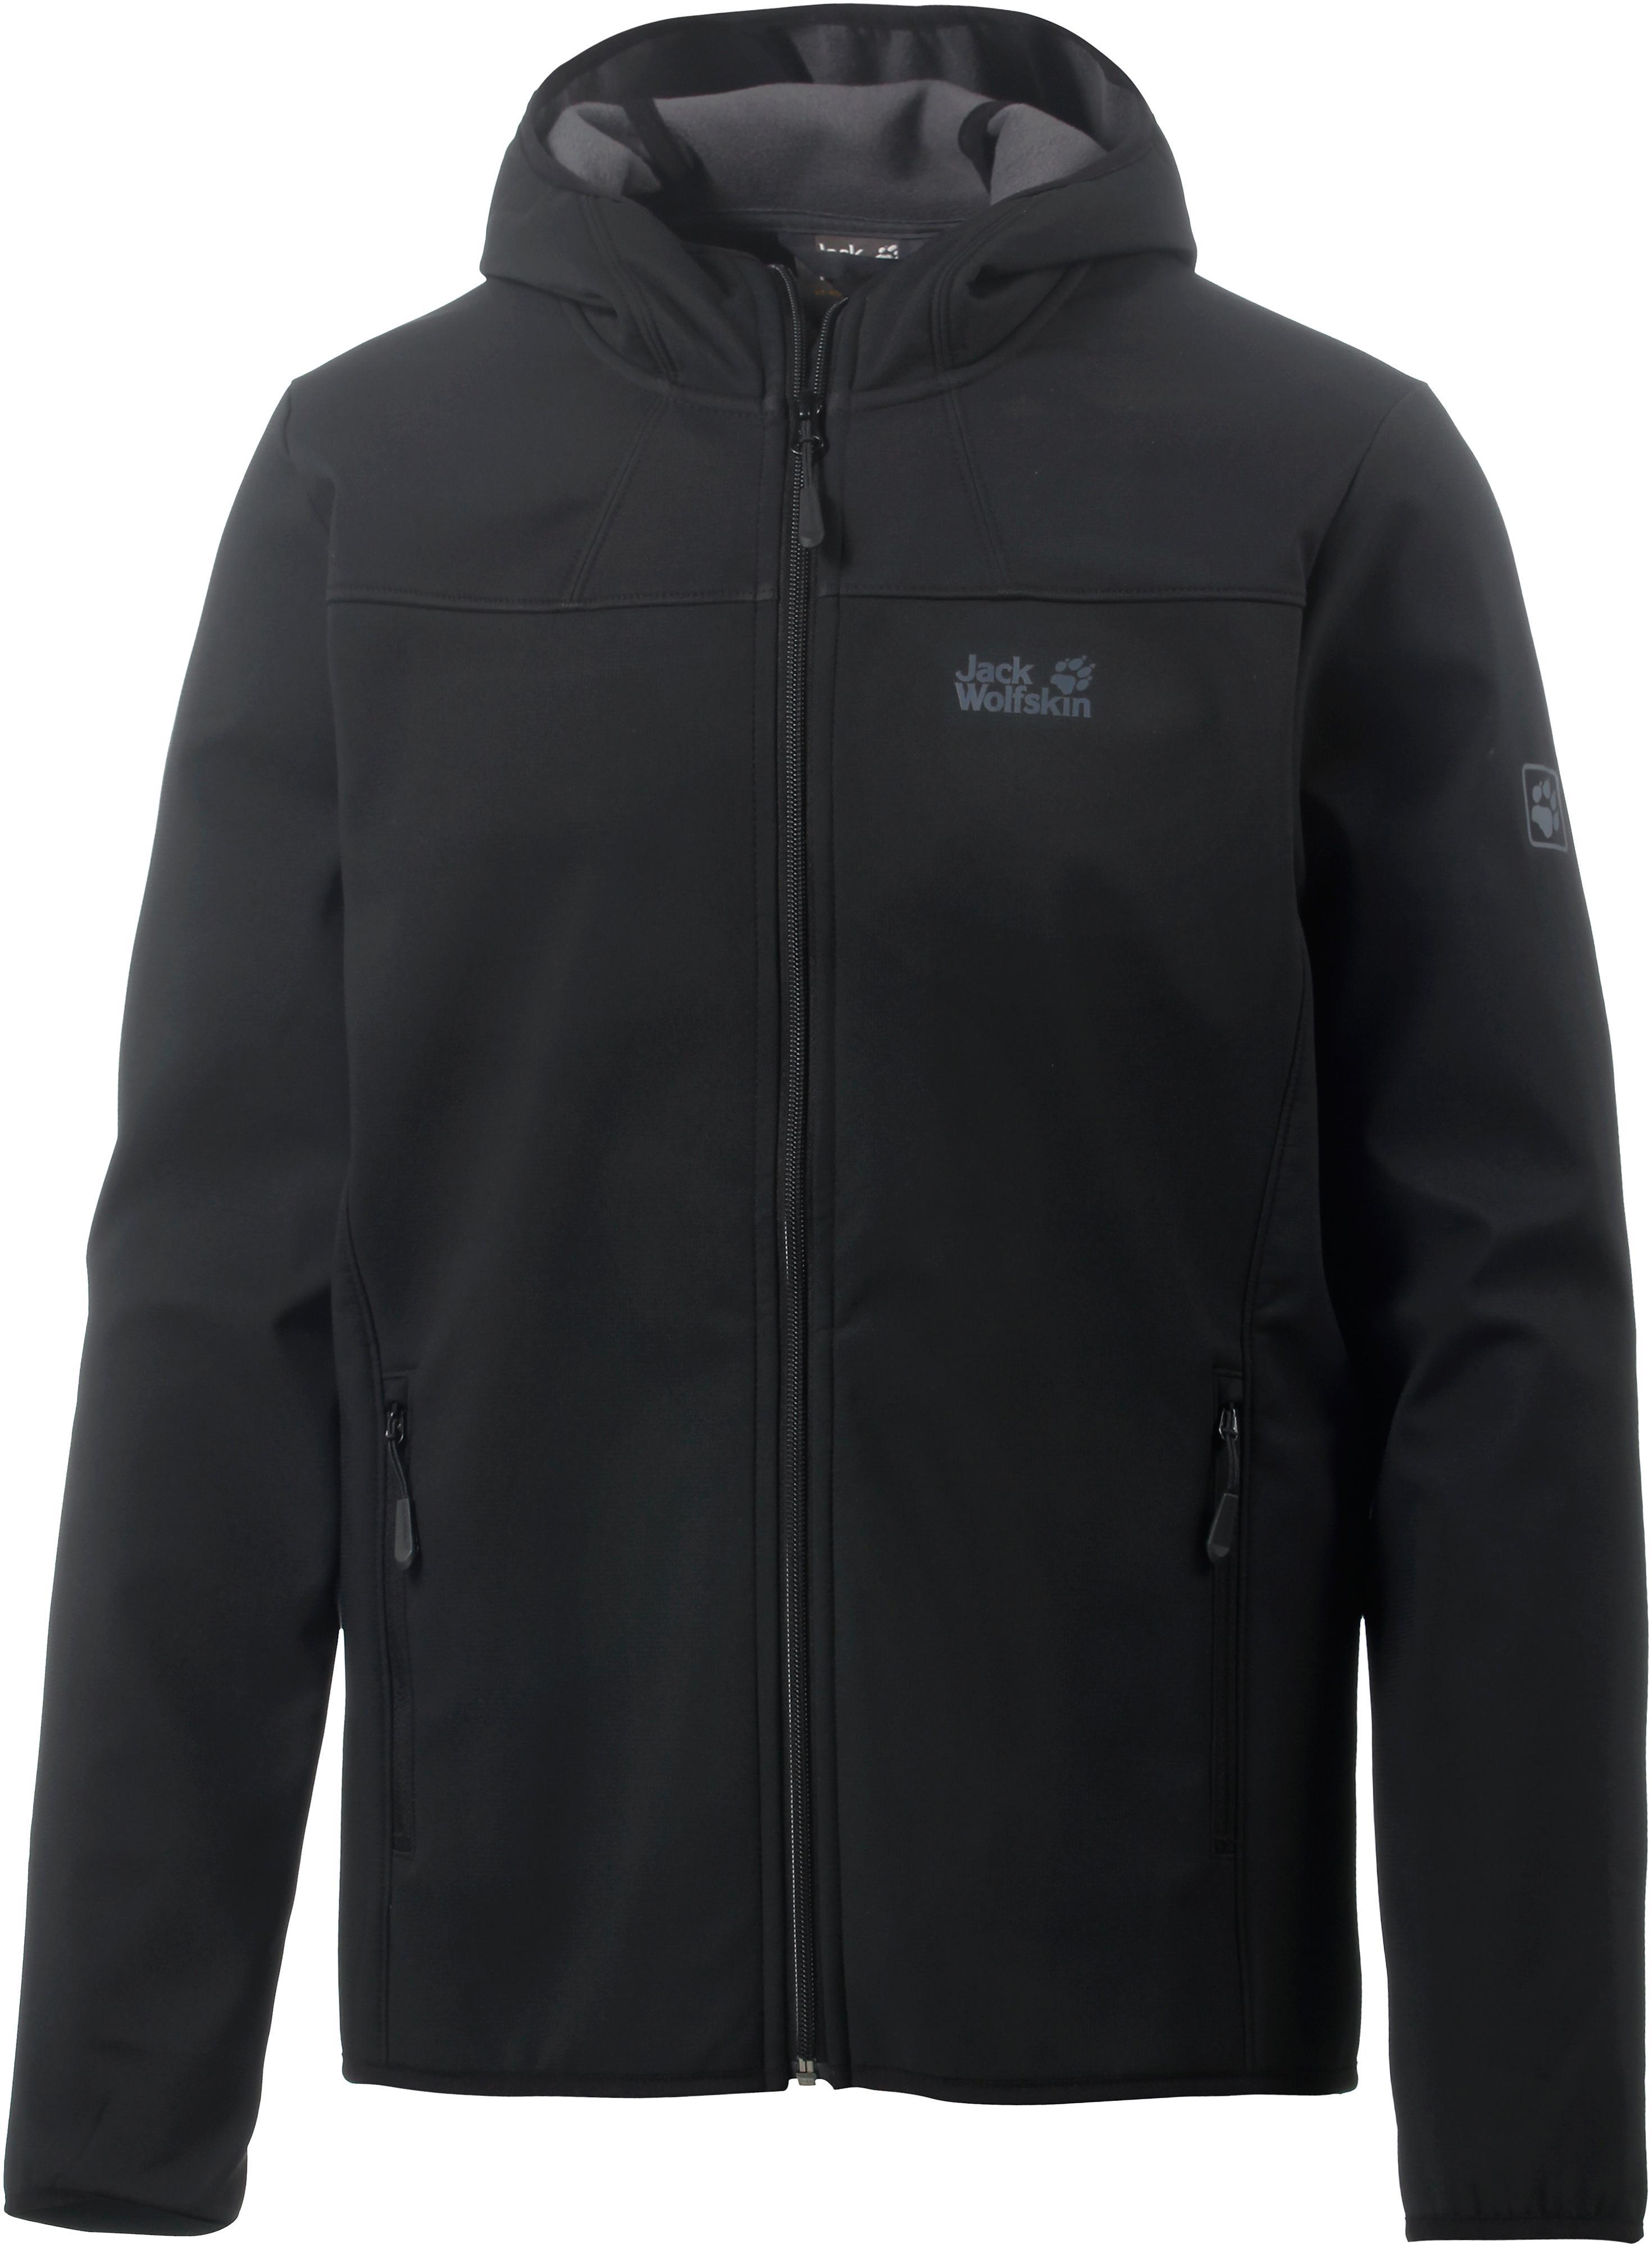 check out 997a6 a63ff Jack Wolfskin Northern Point Softshelljacke Herren schwarz im Online Shop  von SportScheck kaufen